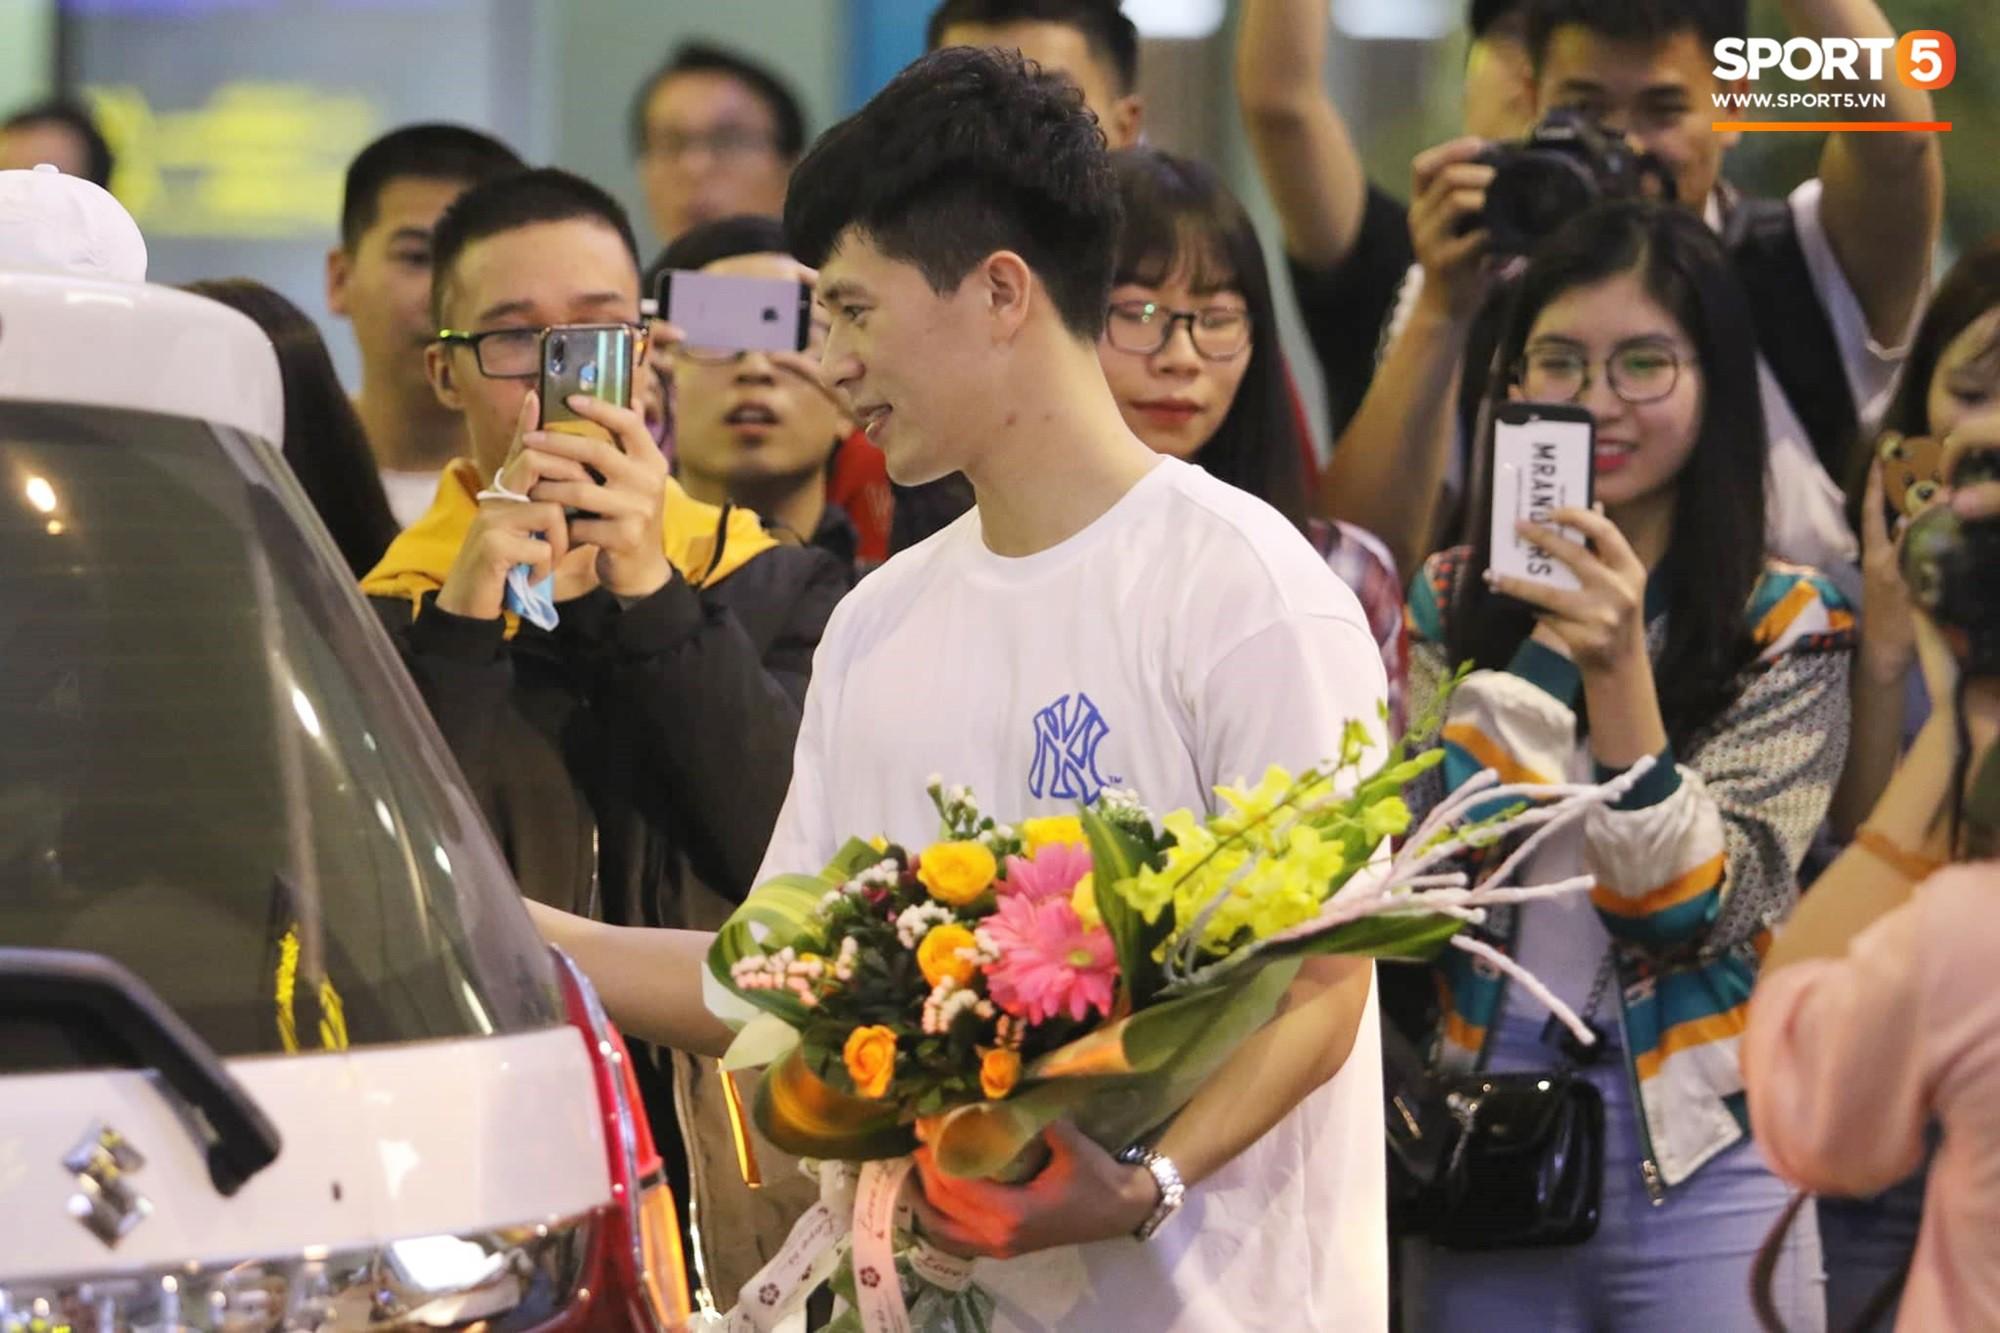 Trở về sau 3 tháng dưỡng thương tại Hàn Quốc, Đình Trọng khiến sân bay Nội Bài náo loạn lúc nửa đêm - Ảnh 3.